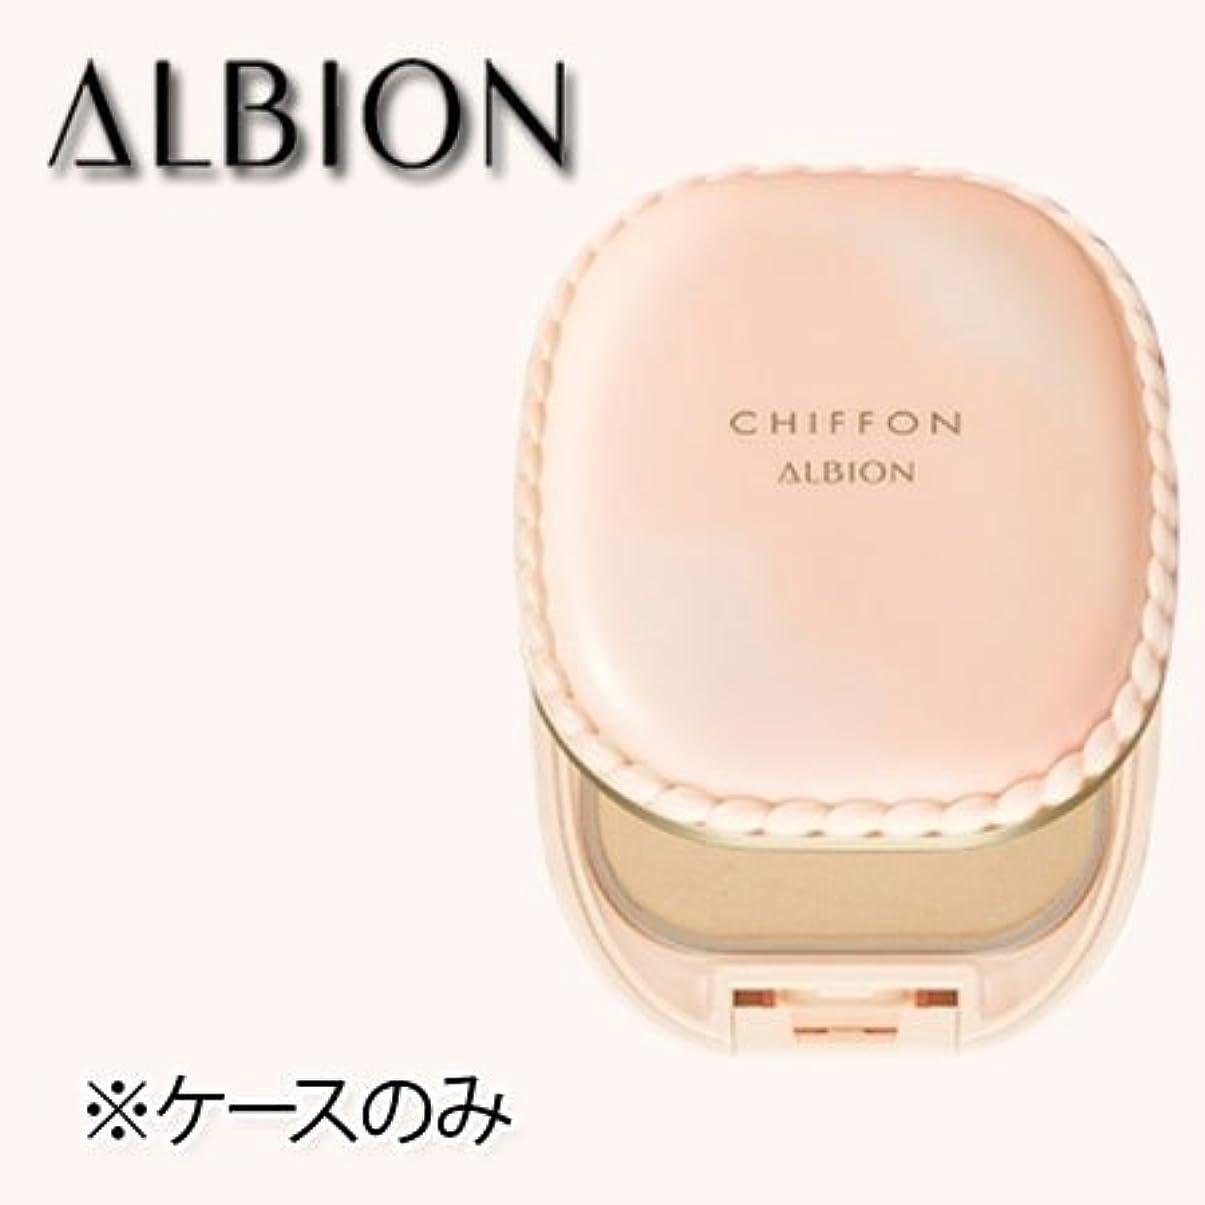 ベース振り向く土アルビオン スウィート モイスチュア シフォンケース (マット付ケース) -ALBION-